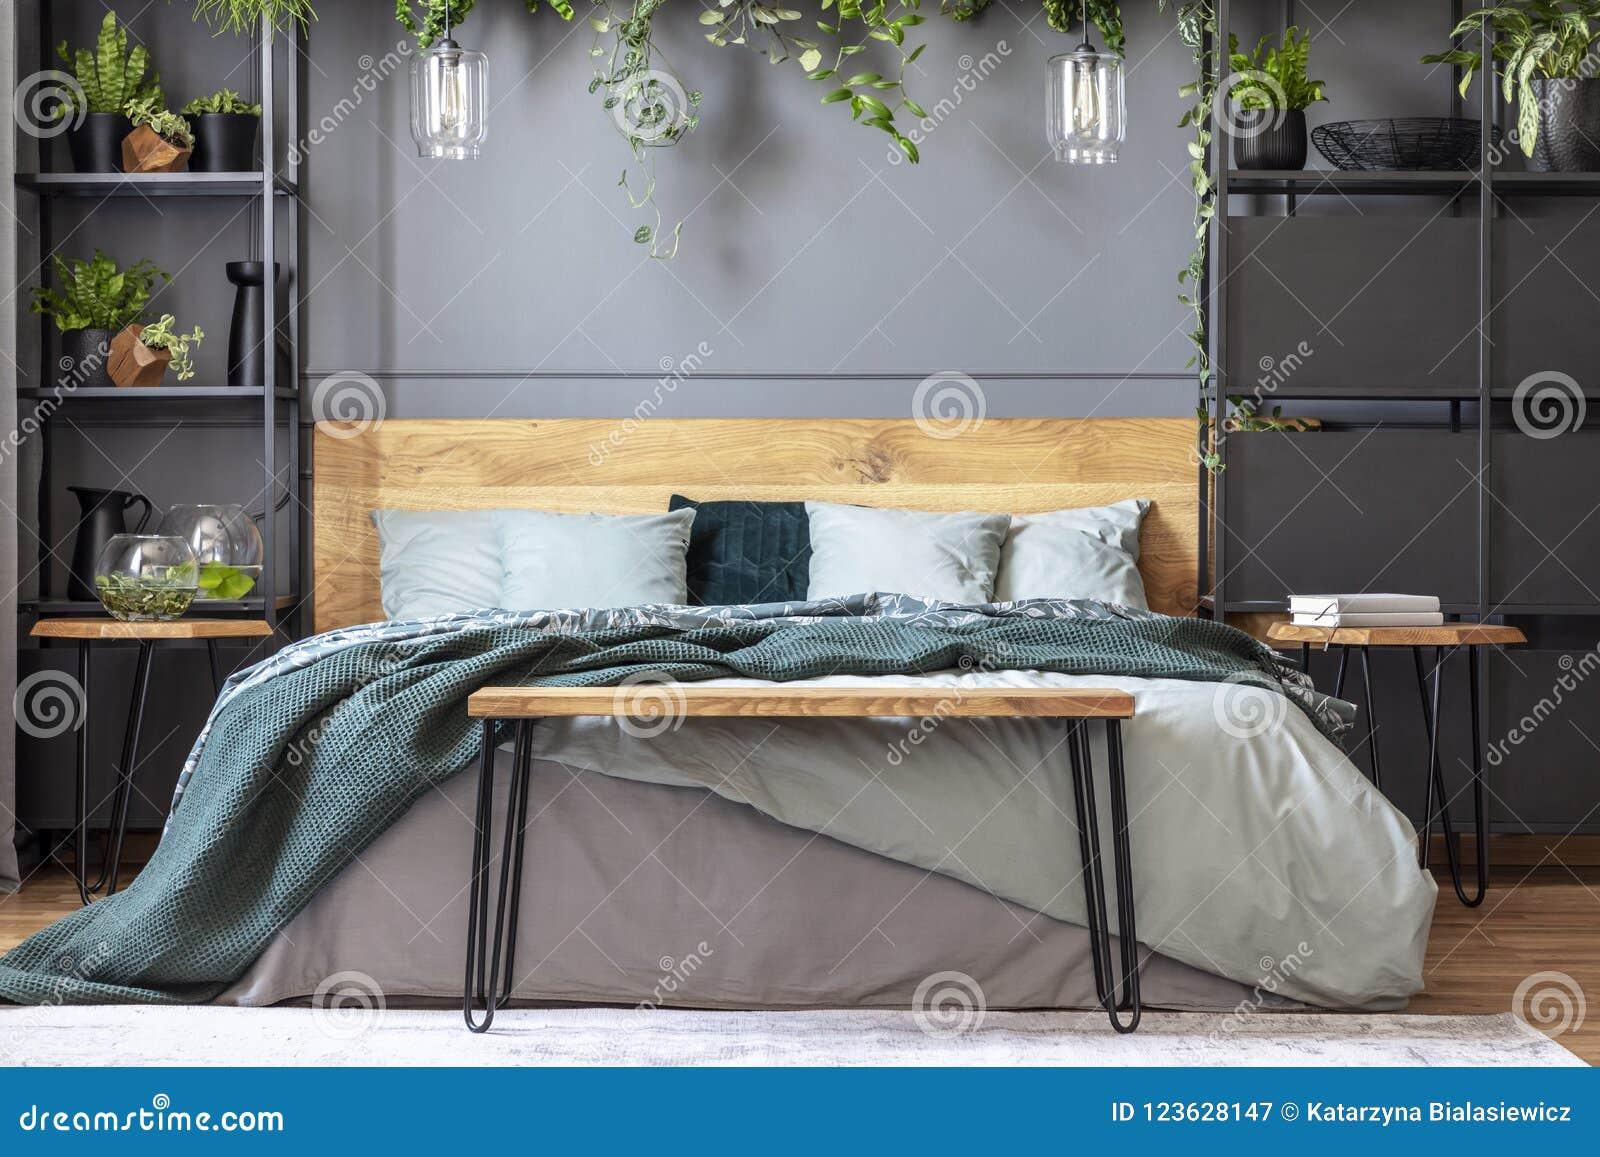 Haarnadelbank Die Das Im Grossformat Bett Mit Vielen Kissen